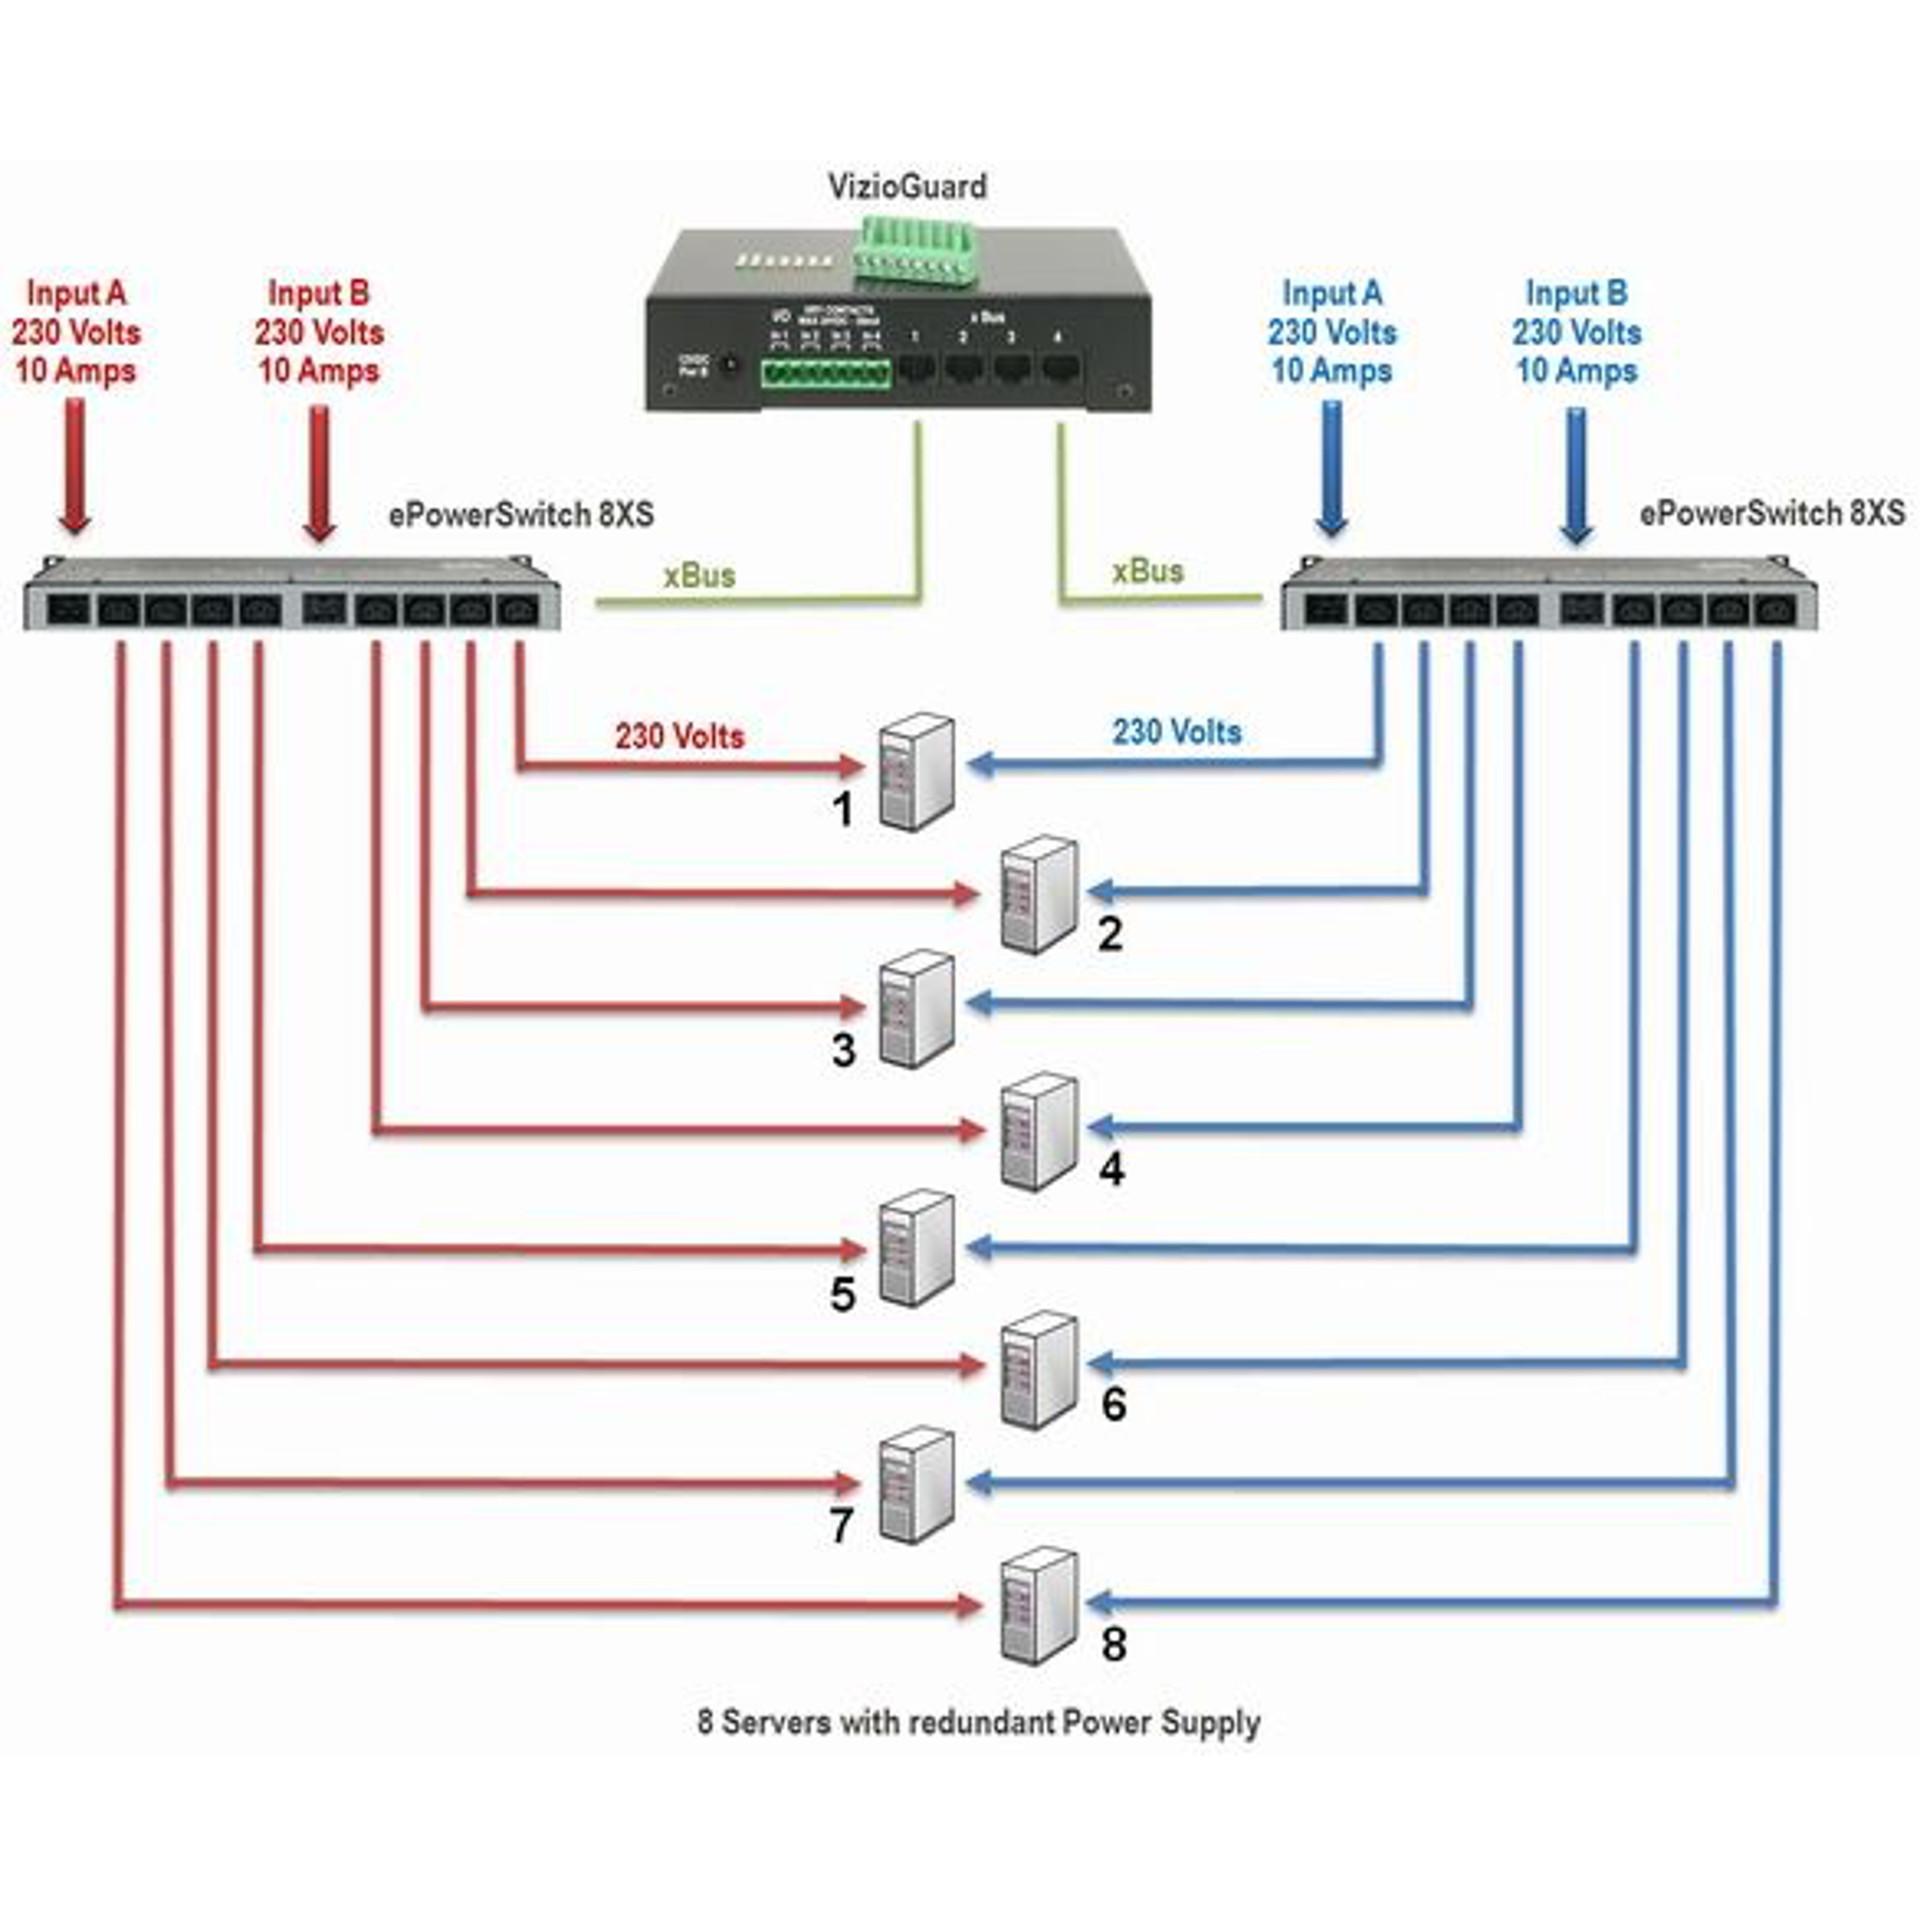 ePowerSwitch 8XS /32 Erweiterung - Neol - BellEquip